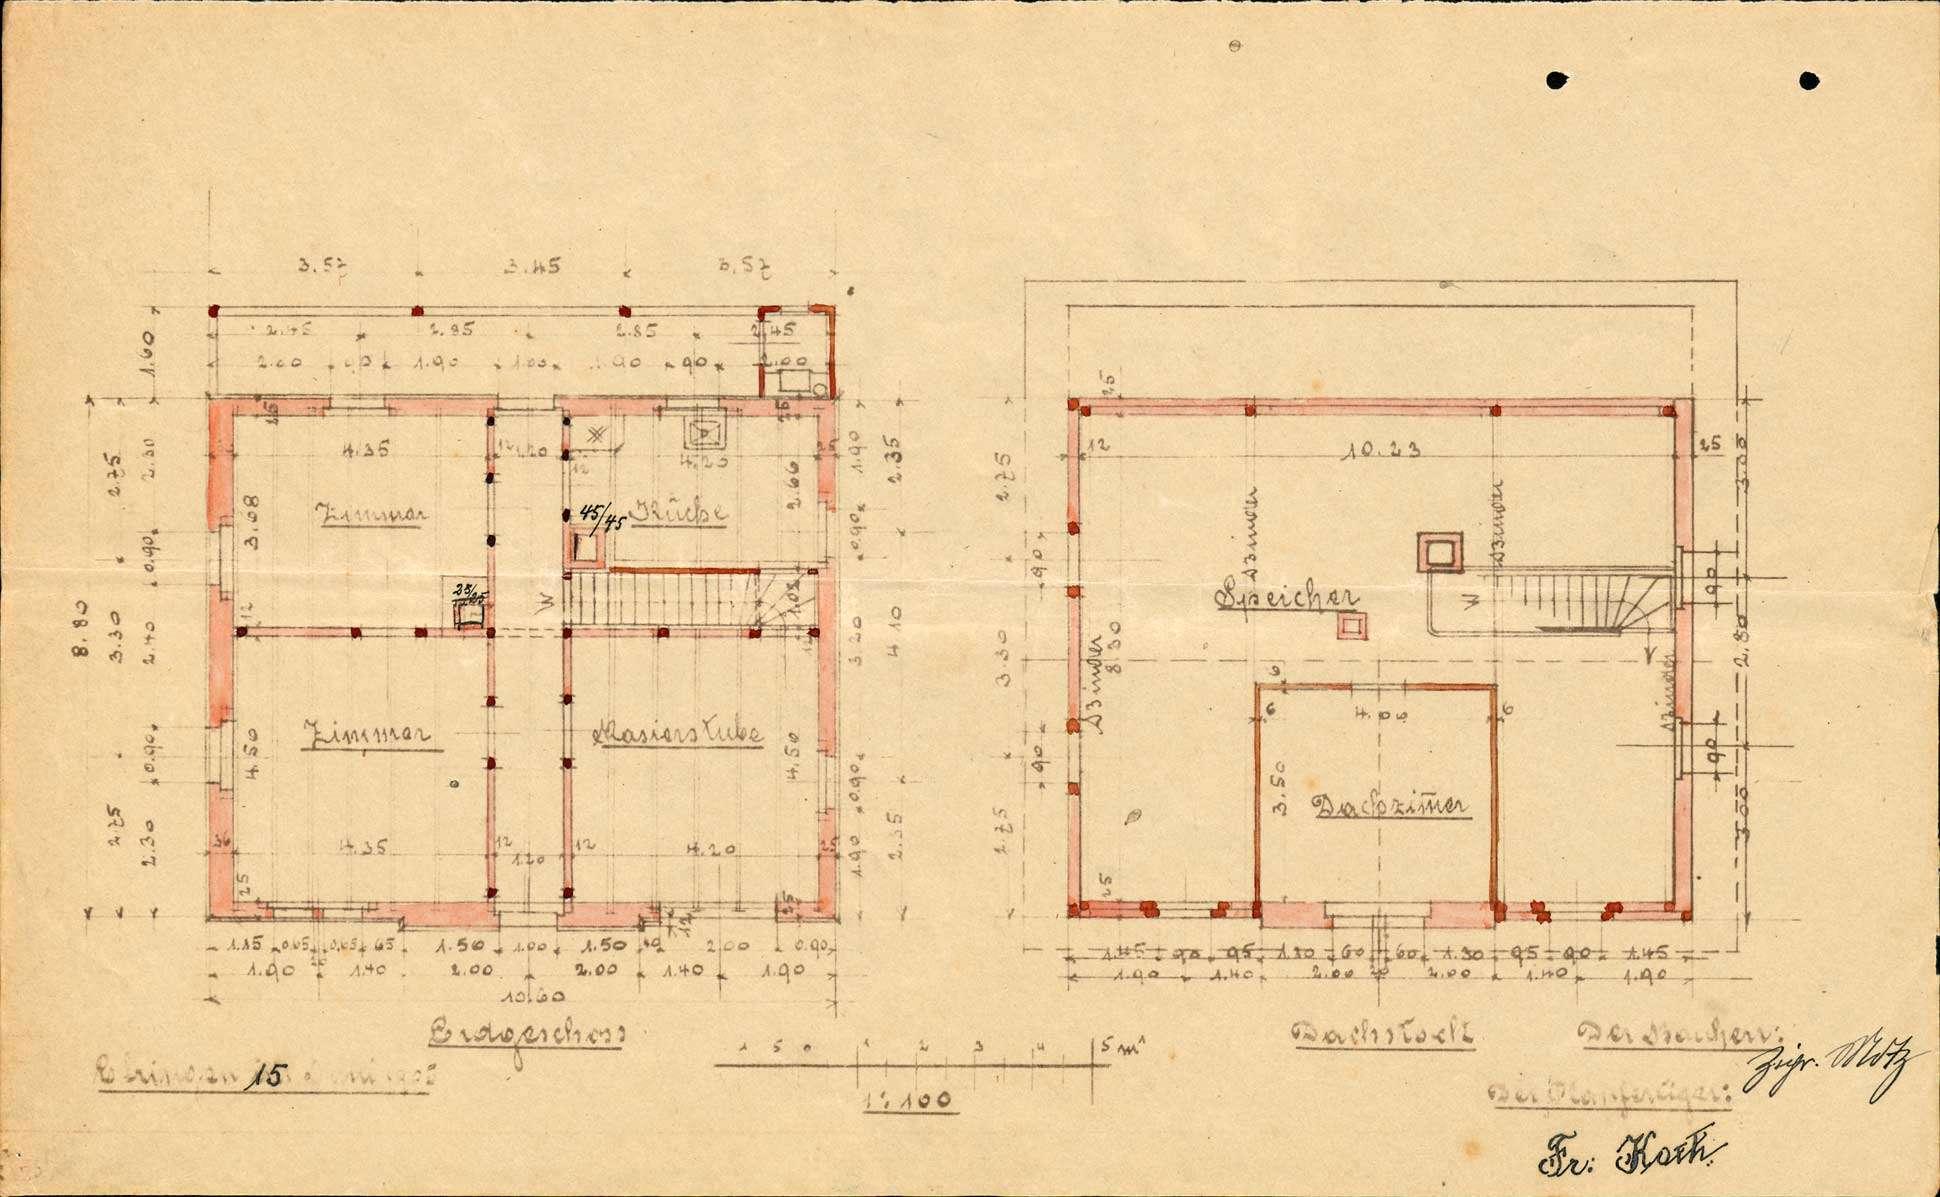 Antrag des Ciprian Motz auf Genehmigung zum Bau eines Wohnhauses in Efringen, Bild 3